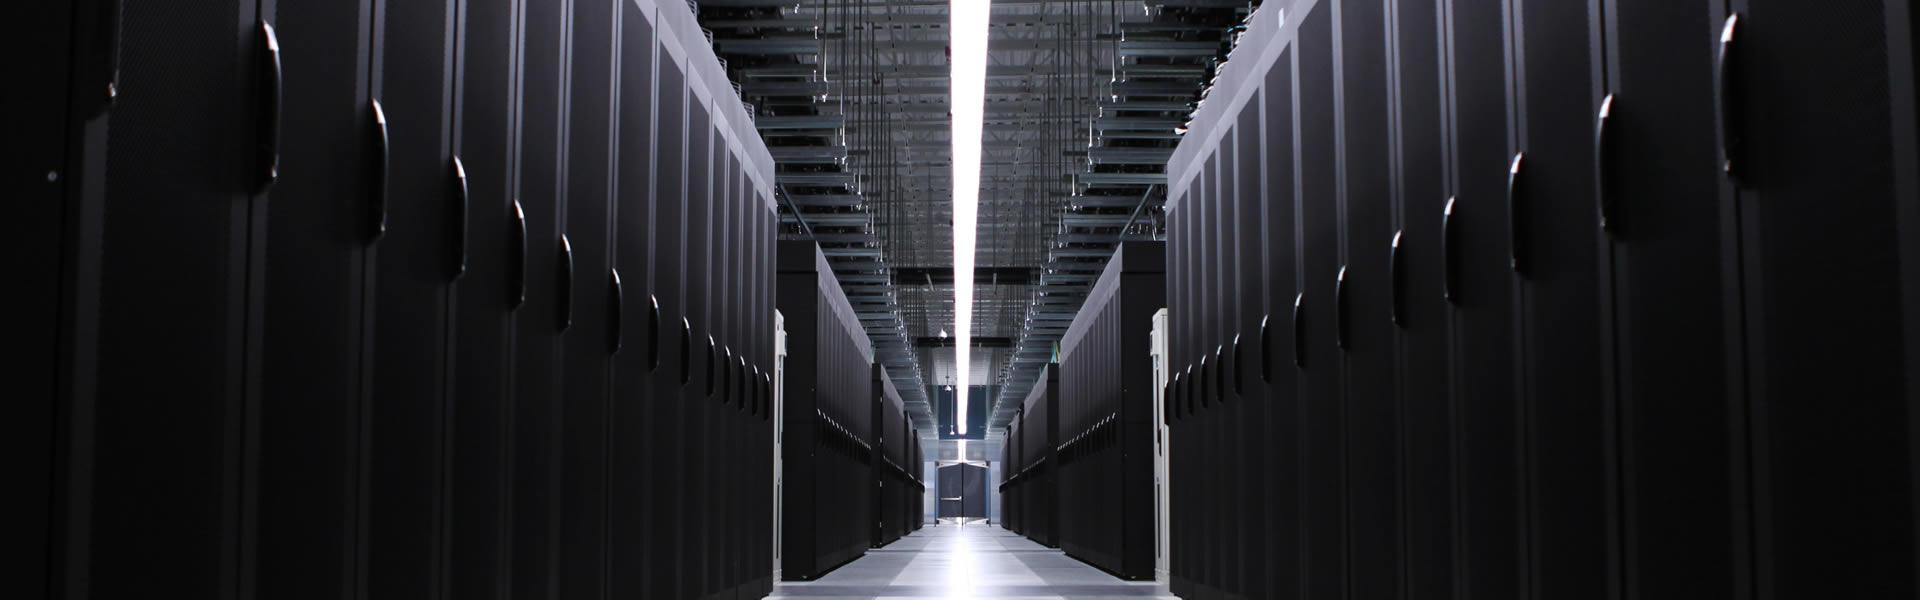 fast website hosting services